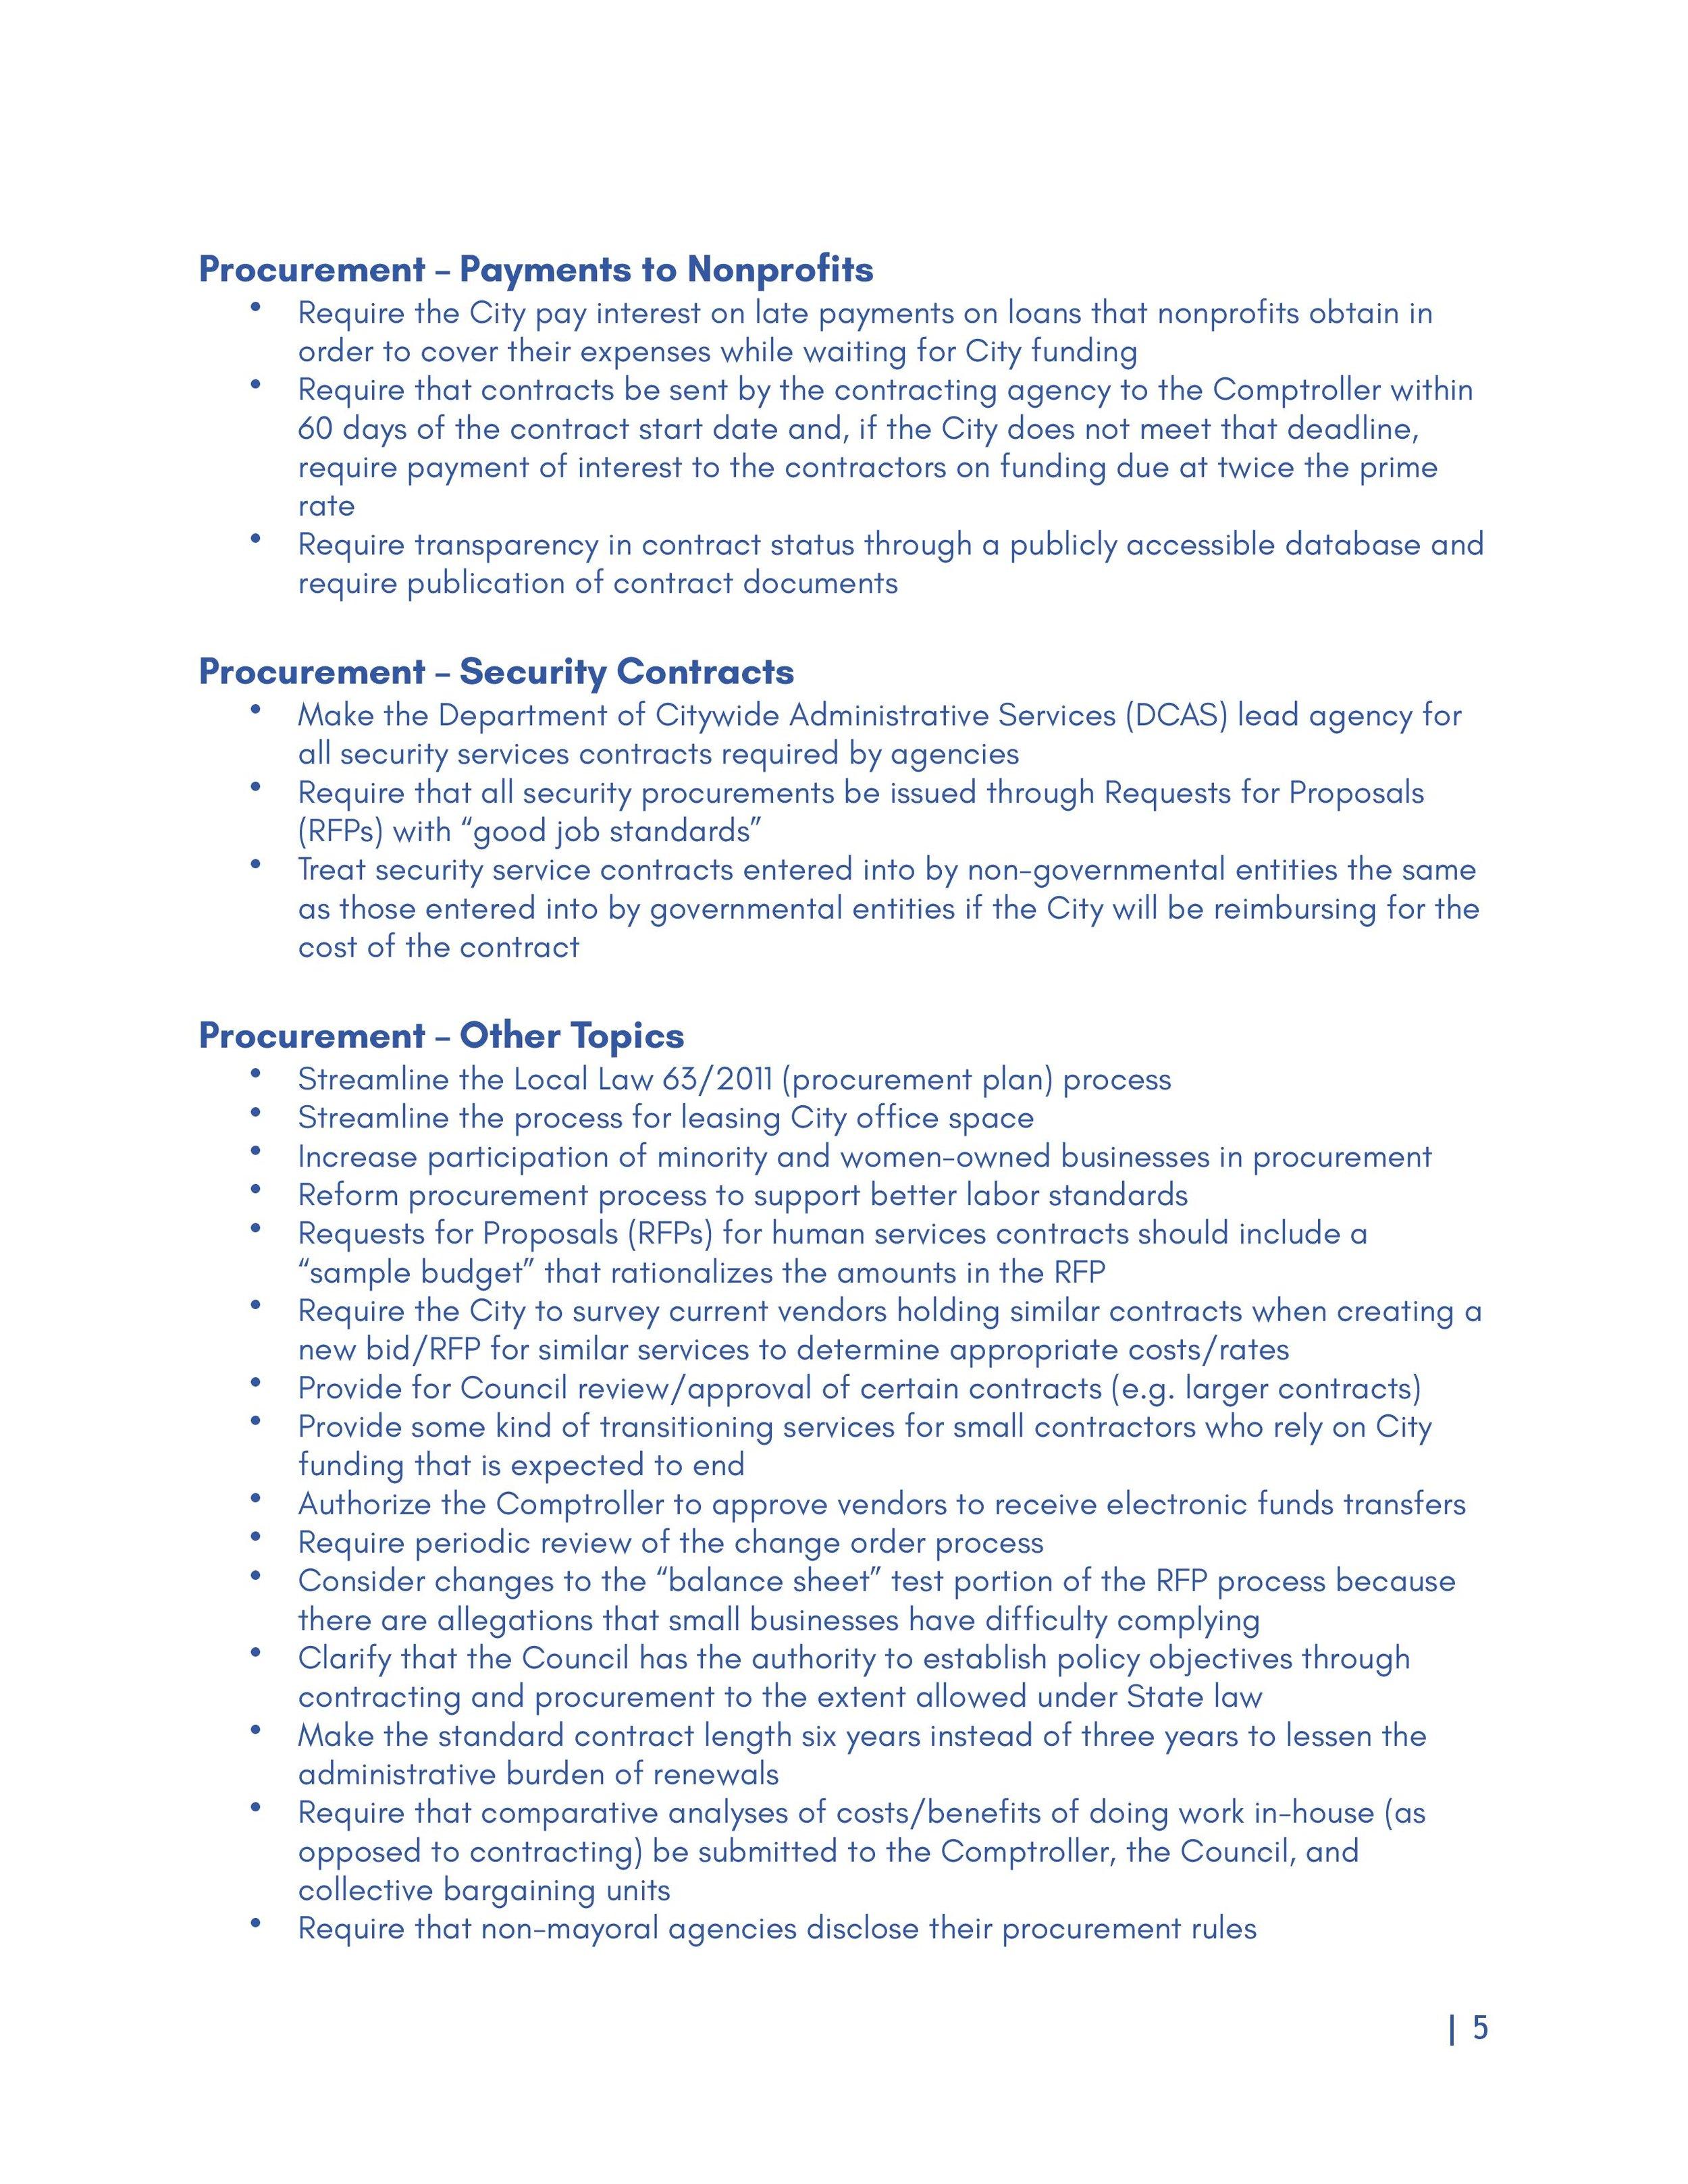 Proposals-page-005.jpg